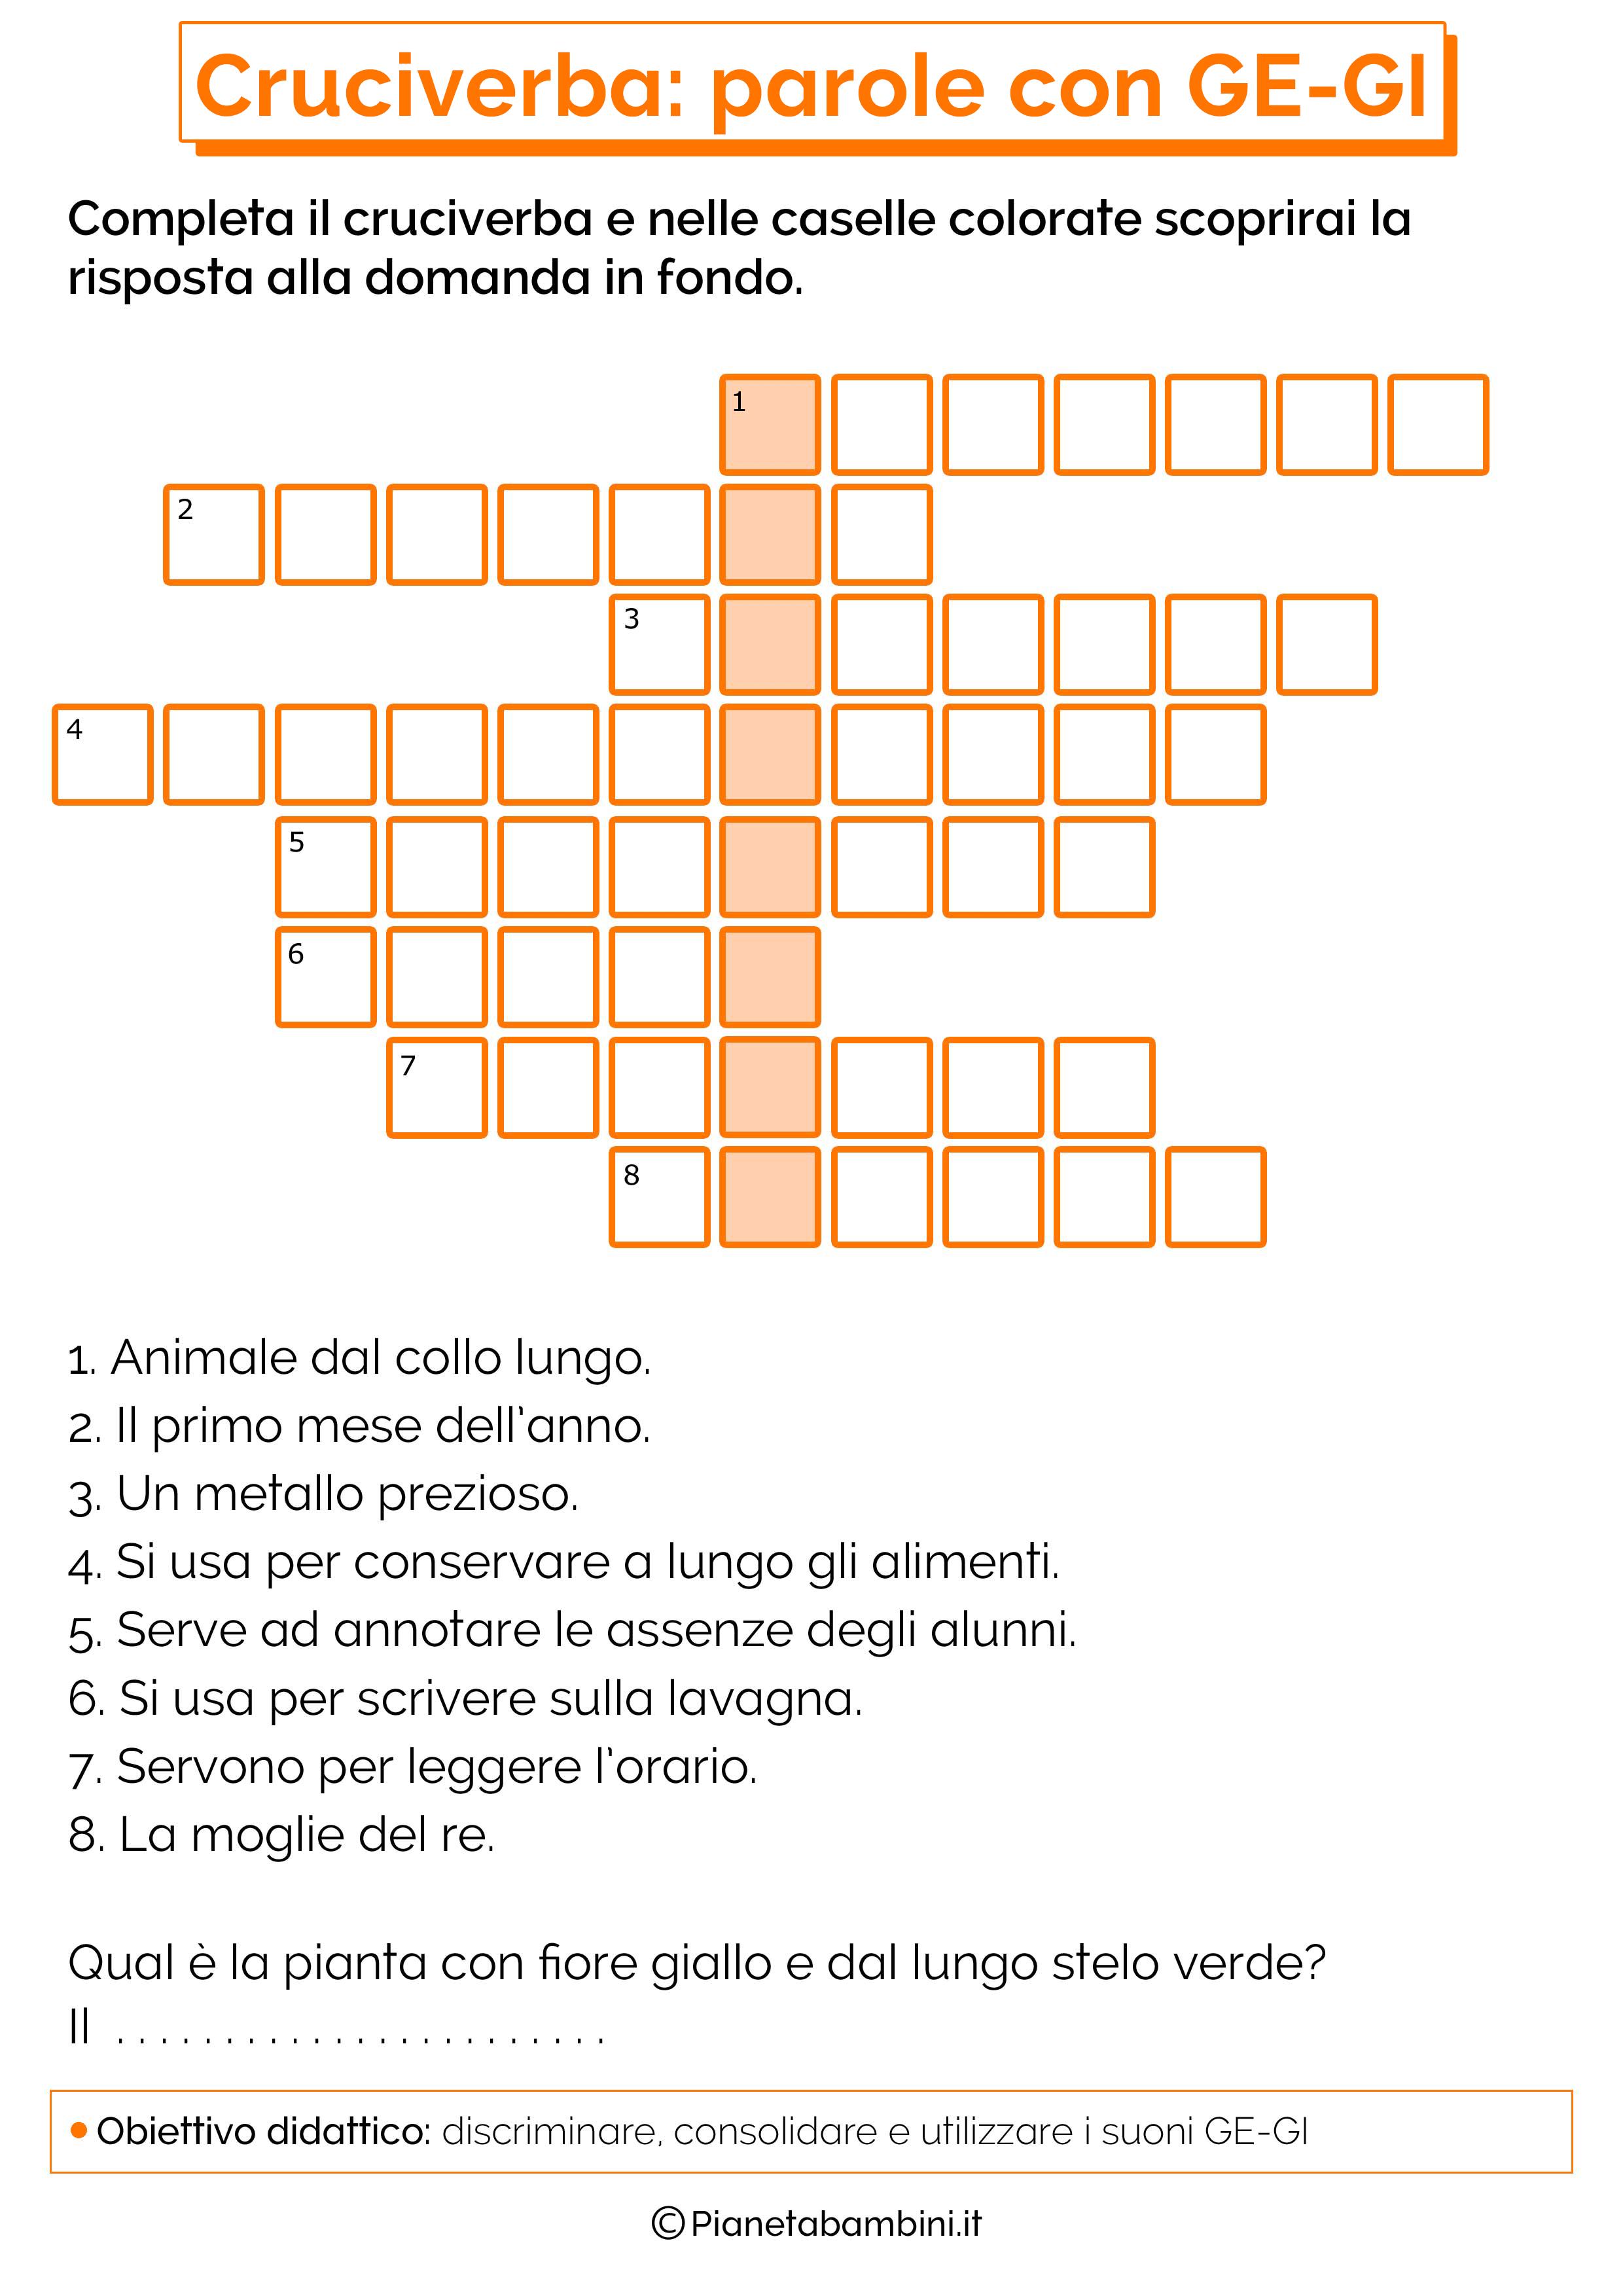 23 cruciverba per bambini di 6 7 anni su ortografia e for Parole con ge gi